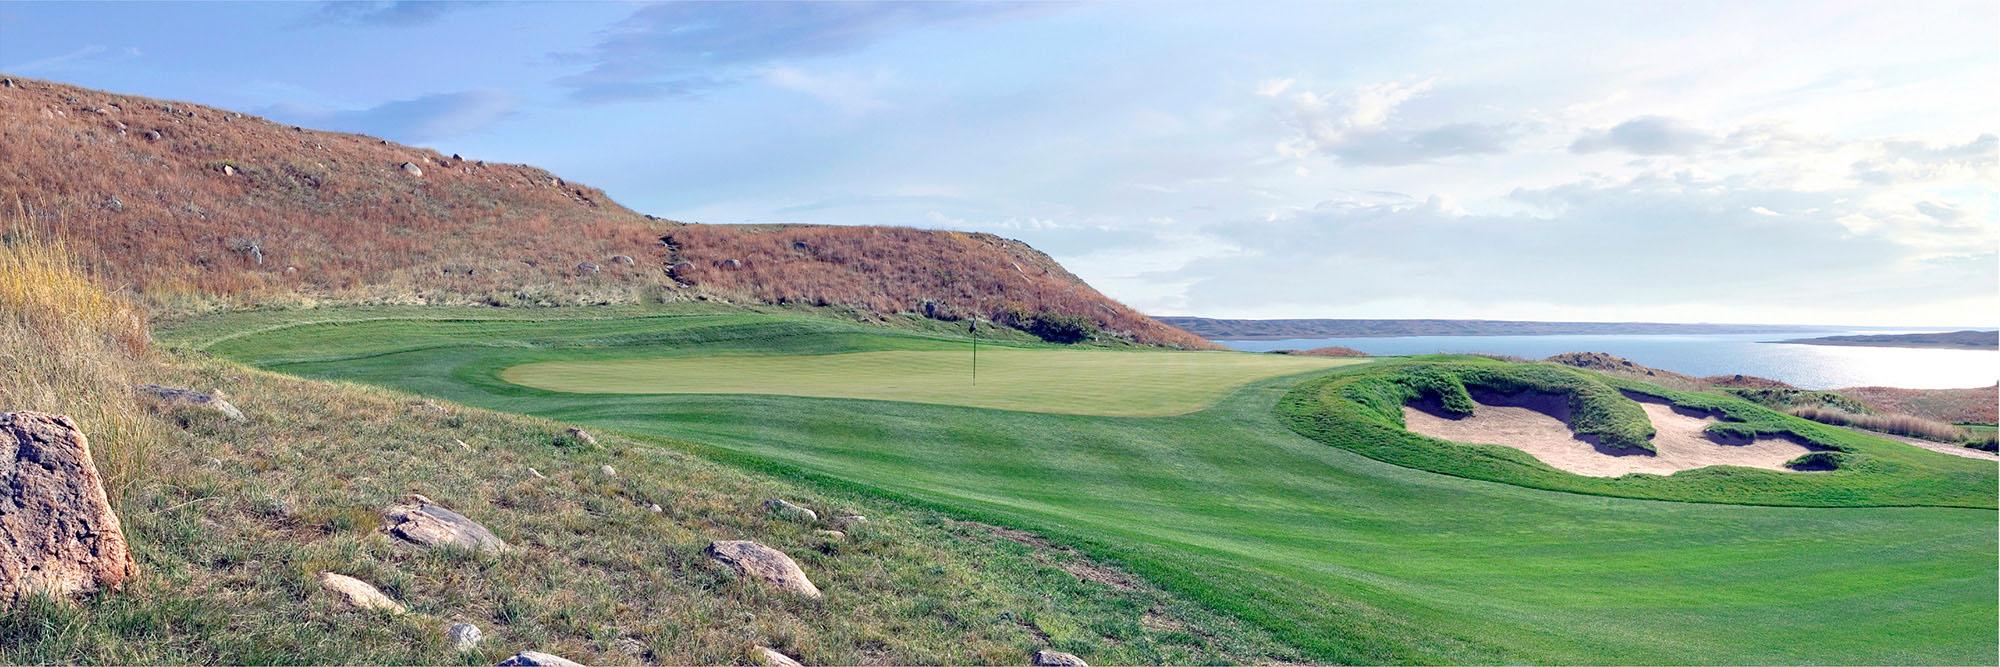 Golf Course Image - Sutton Bay No. 12